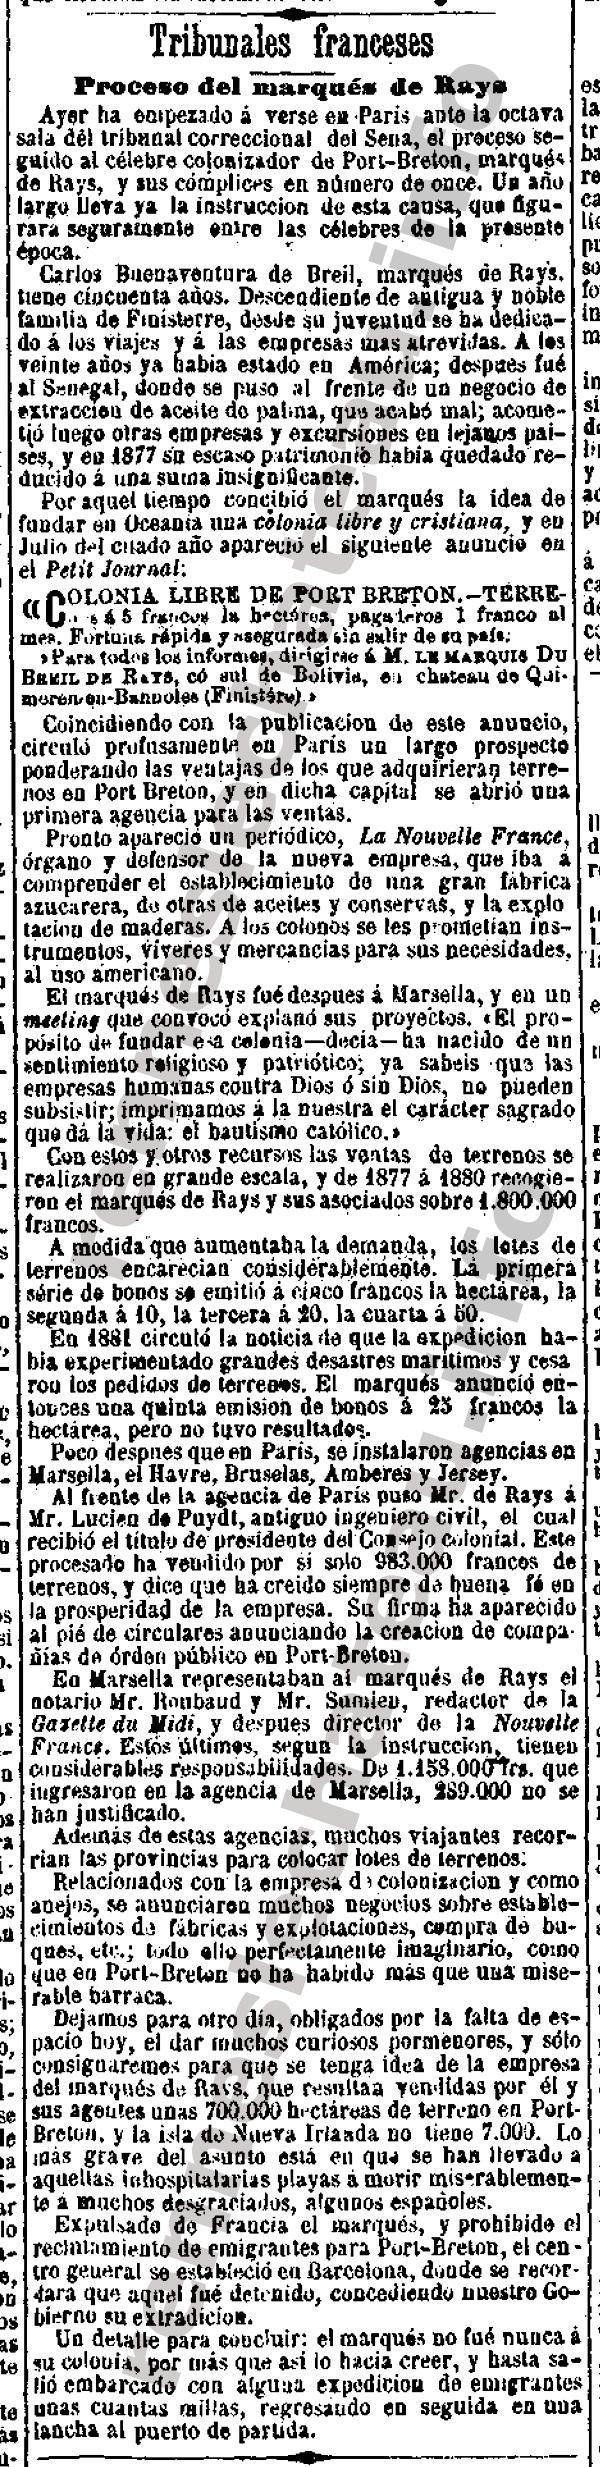 1883-13-06-1883-marques-de-rays-EL-DIA